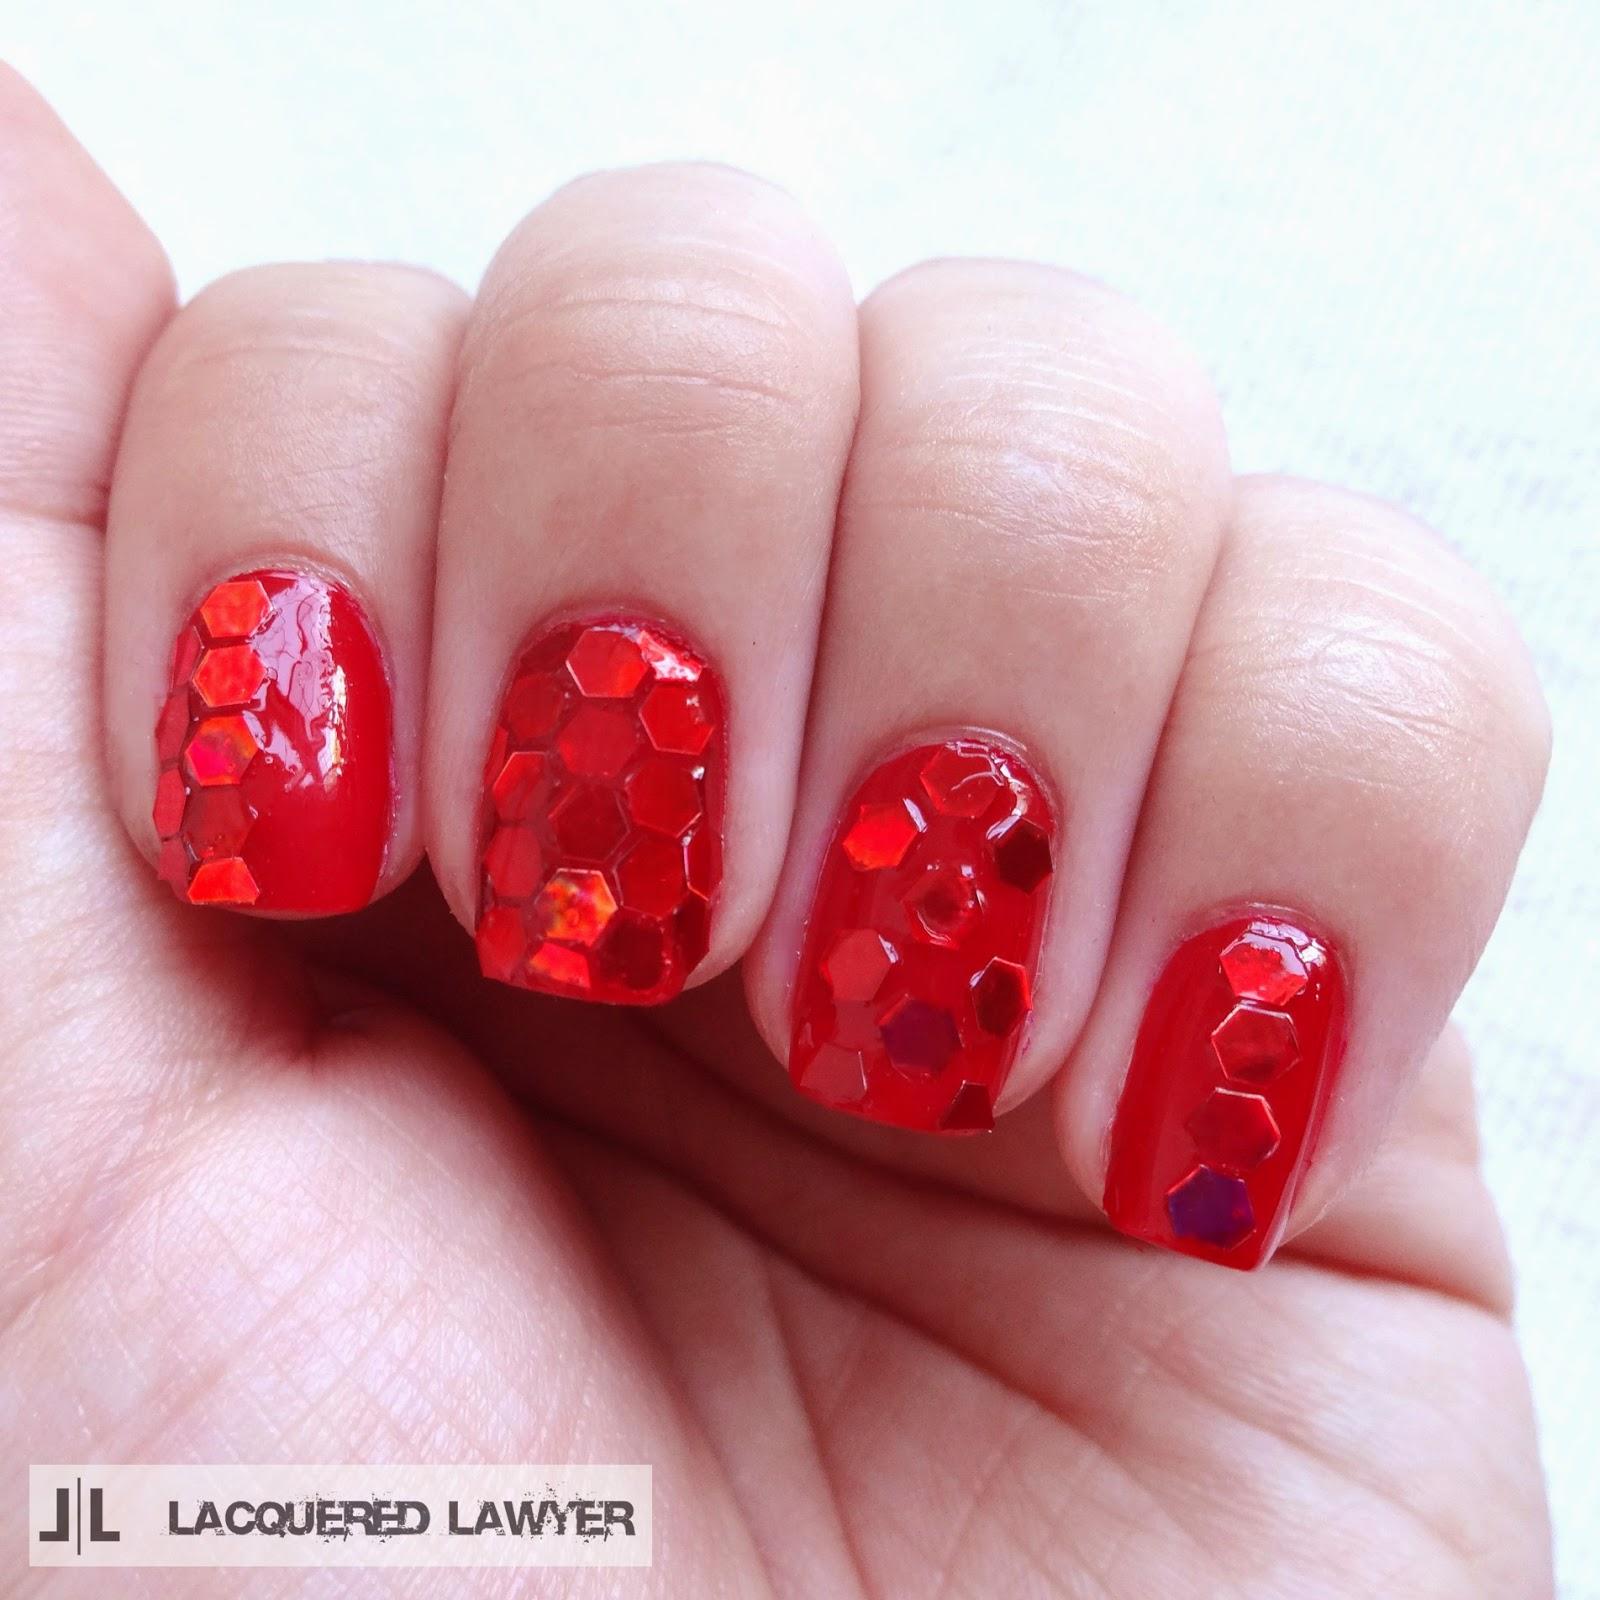 Lacquered Lawyer | Nail Art Blog: June Nail Art Society ...